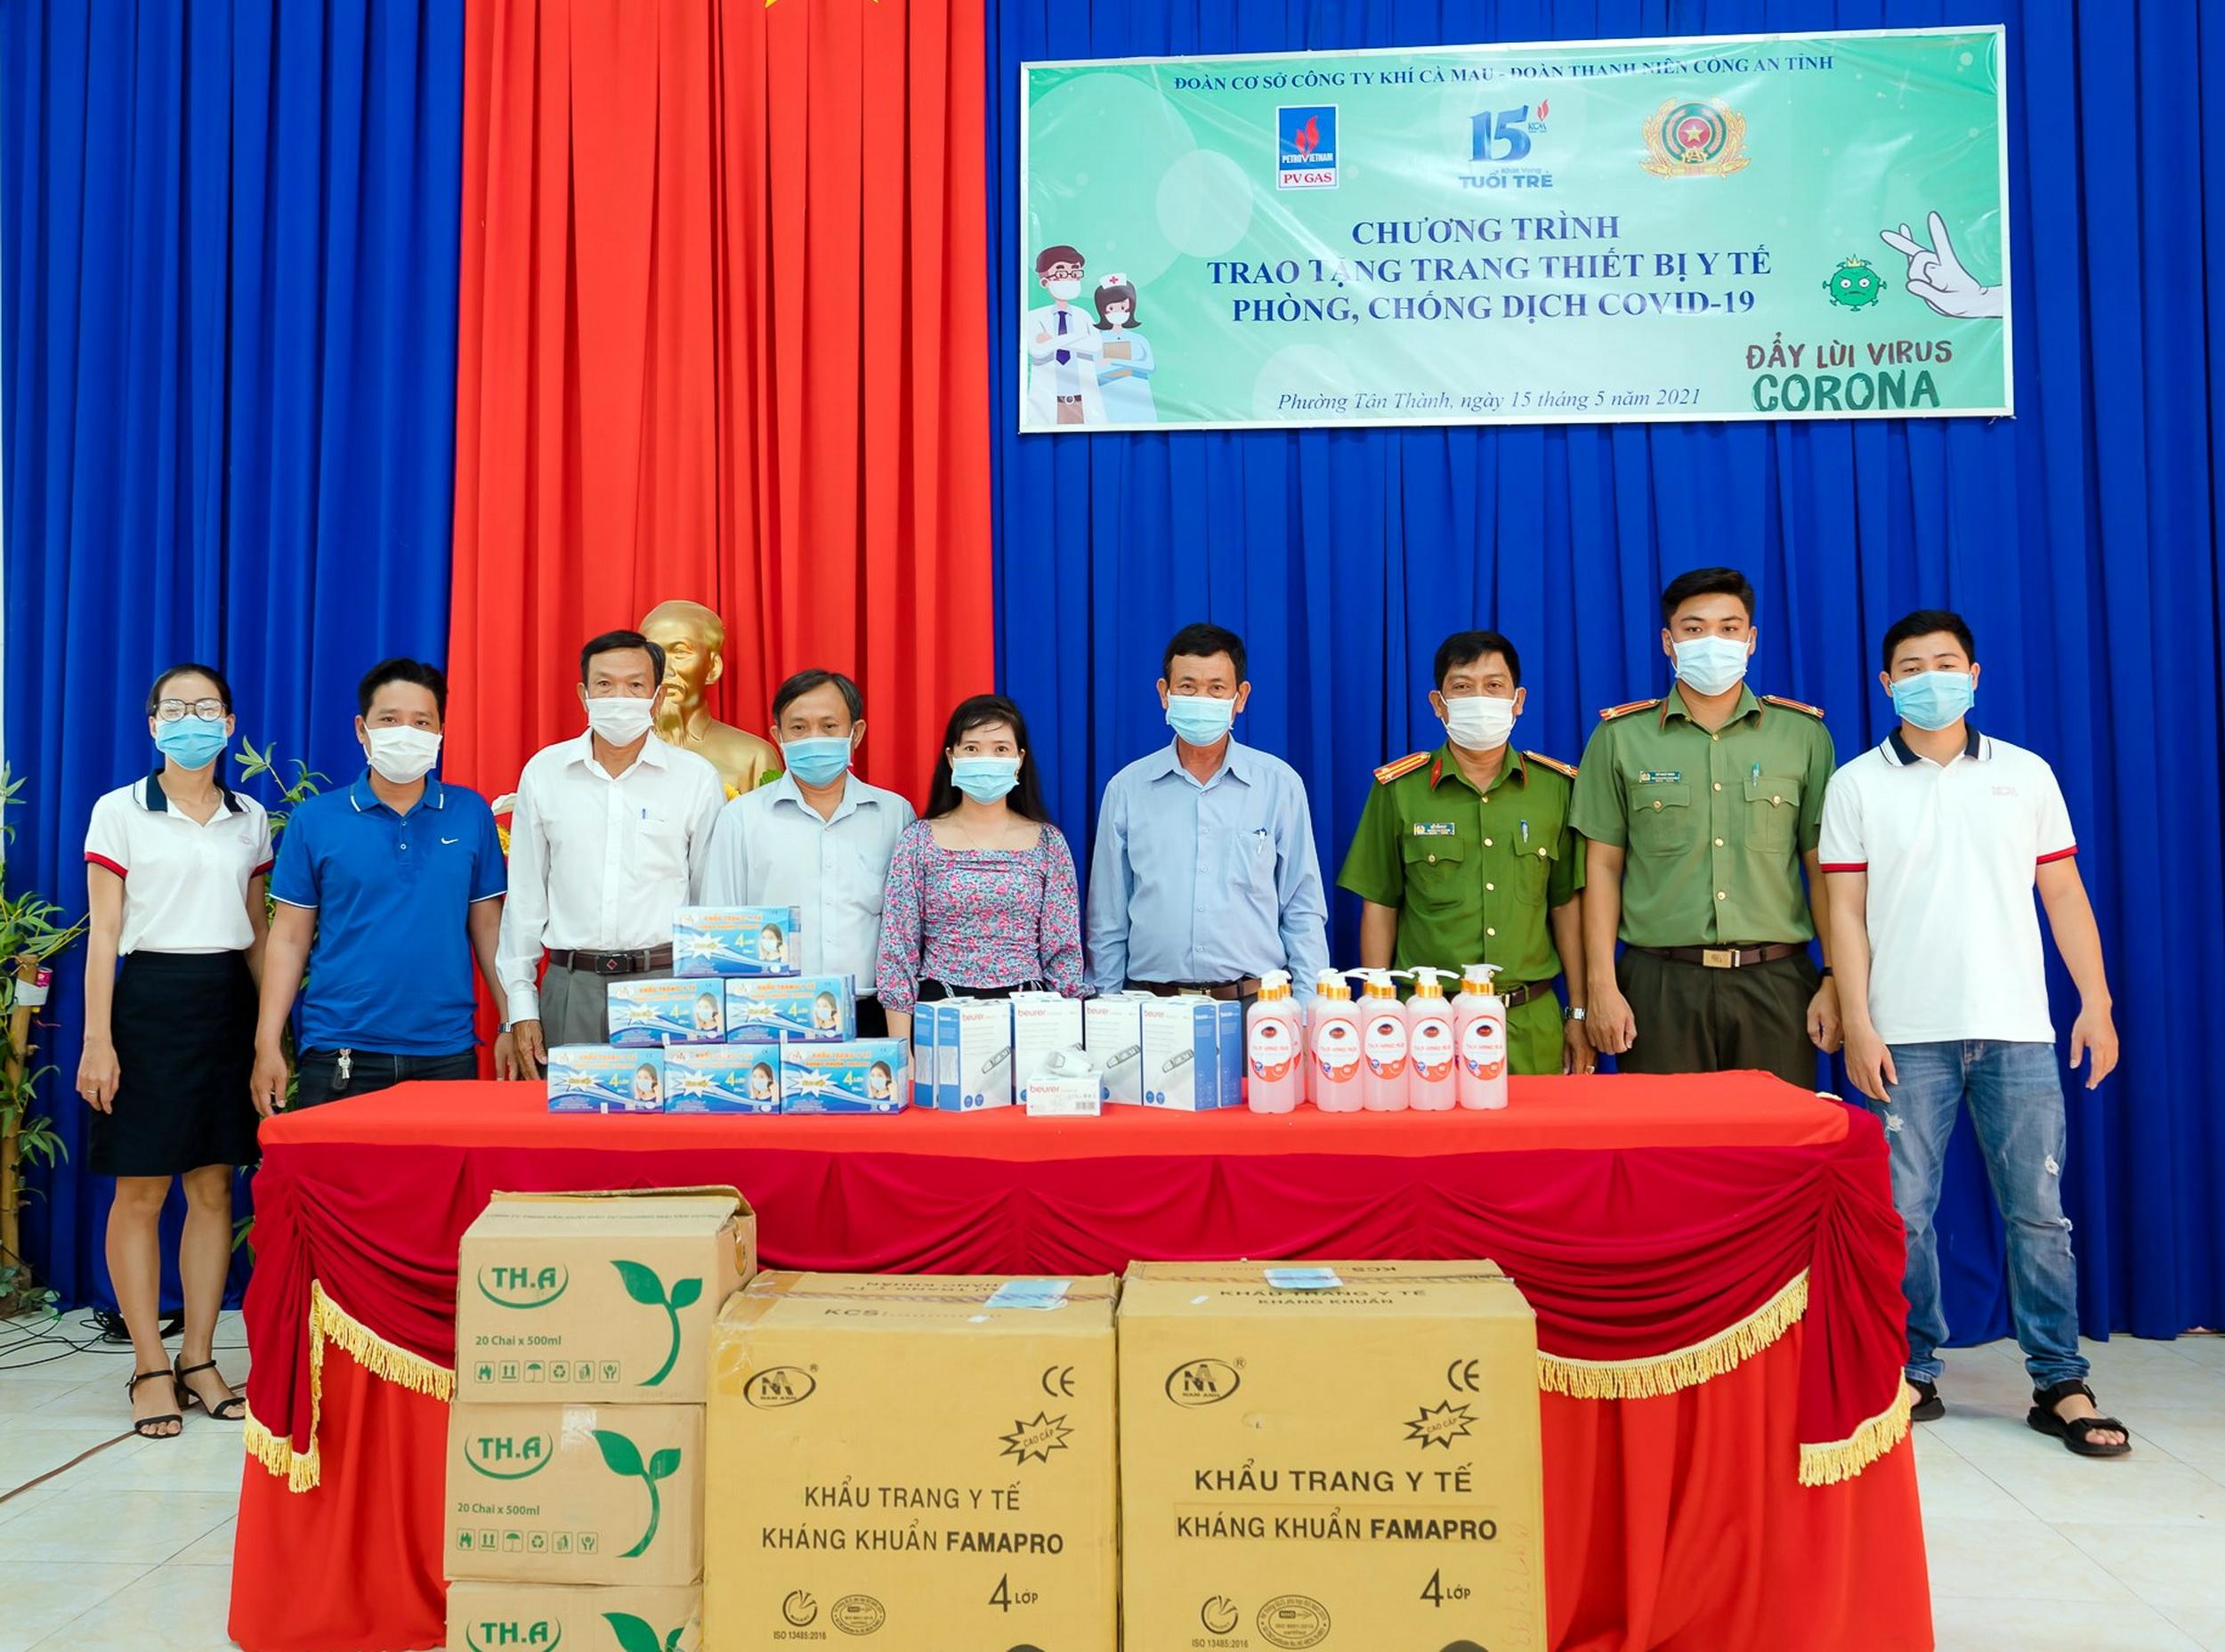 """KCM phối hợp thực hiện Chương trình """"Trao tặng dụng cụ vật tư y tế hỗ trợ phòng chống dịch Covid-19 năm 2021"""